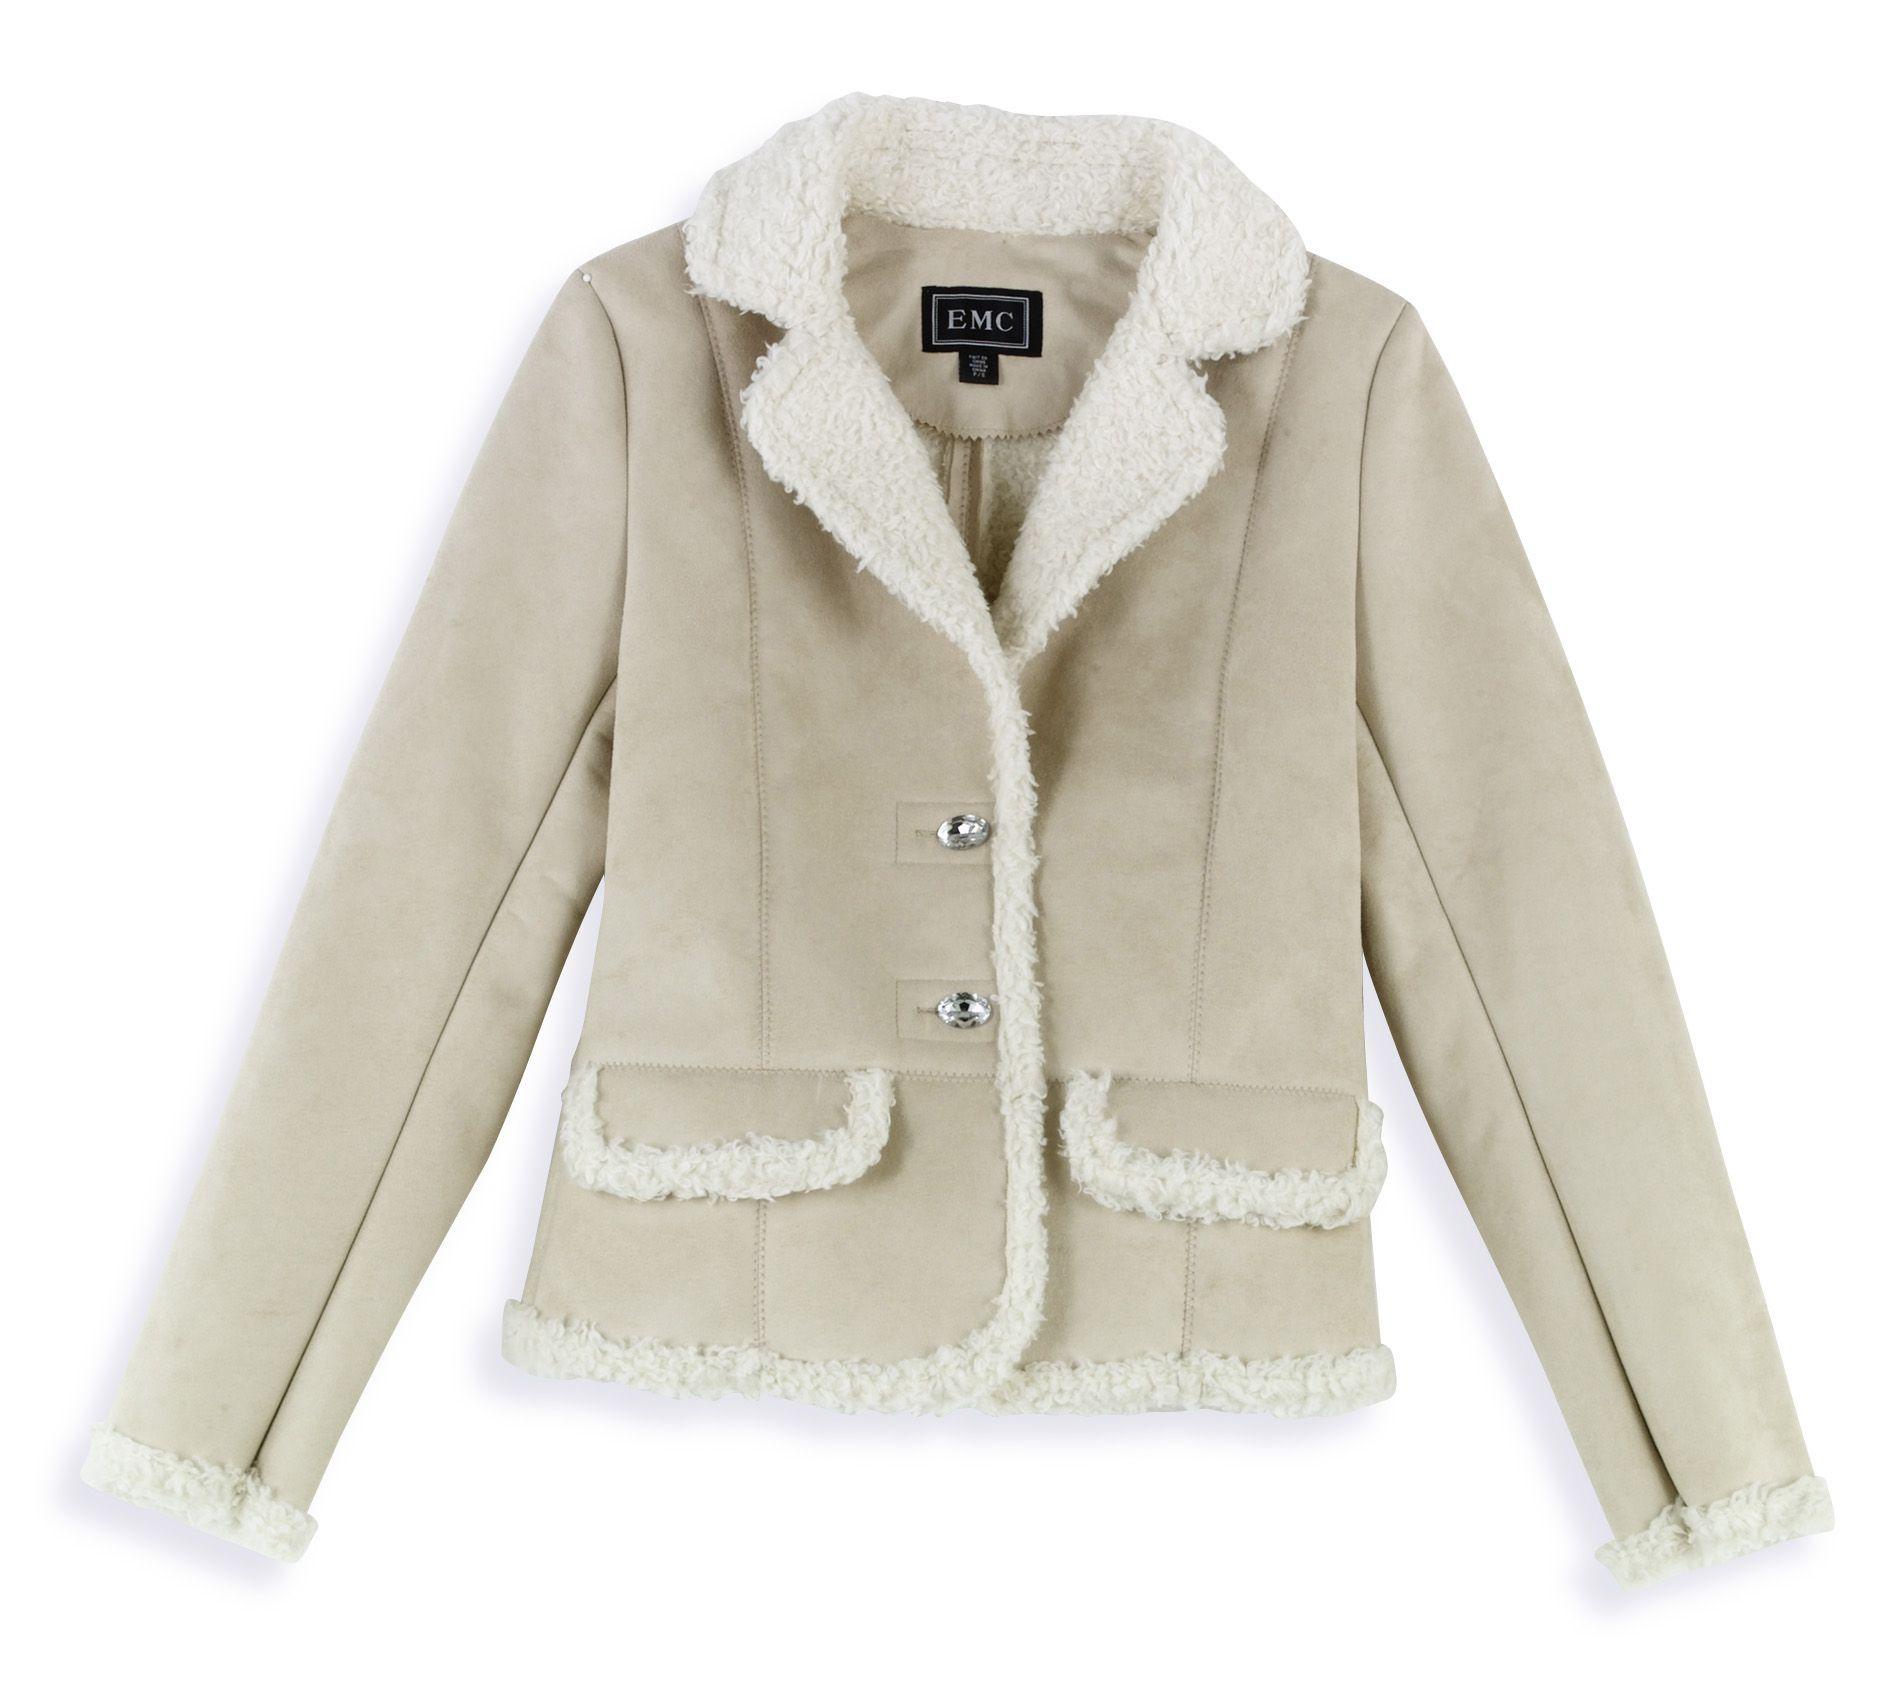 Emc Leather Jackets 19